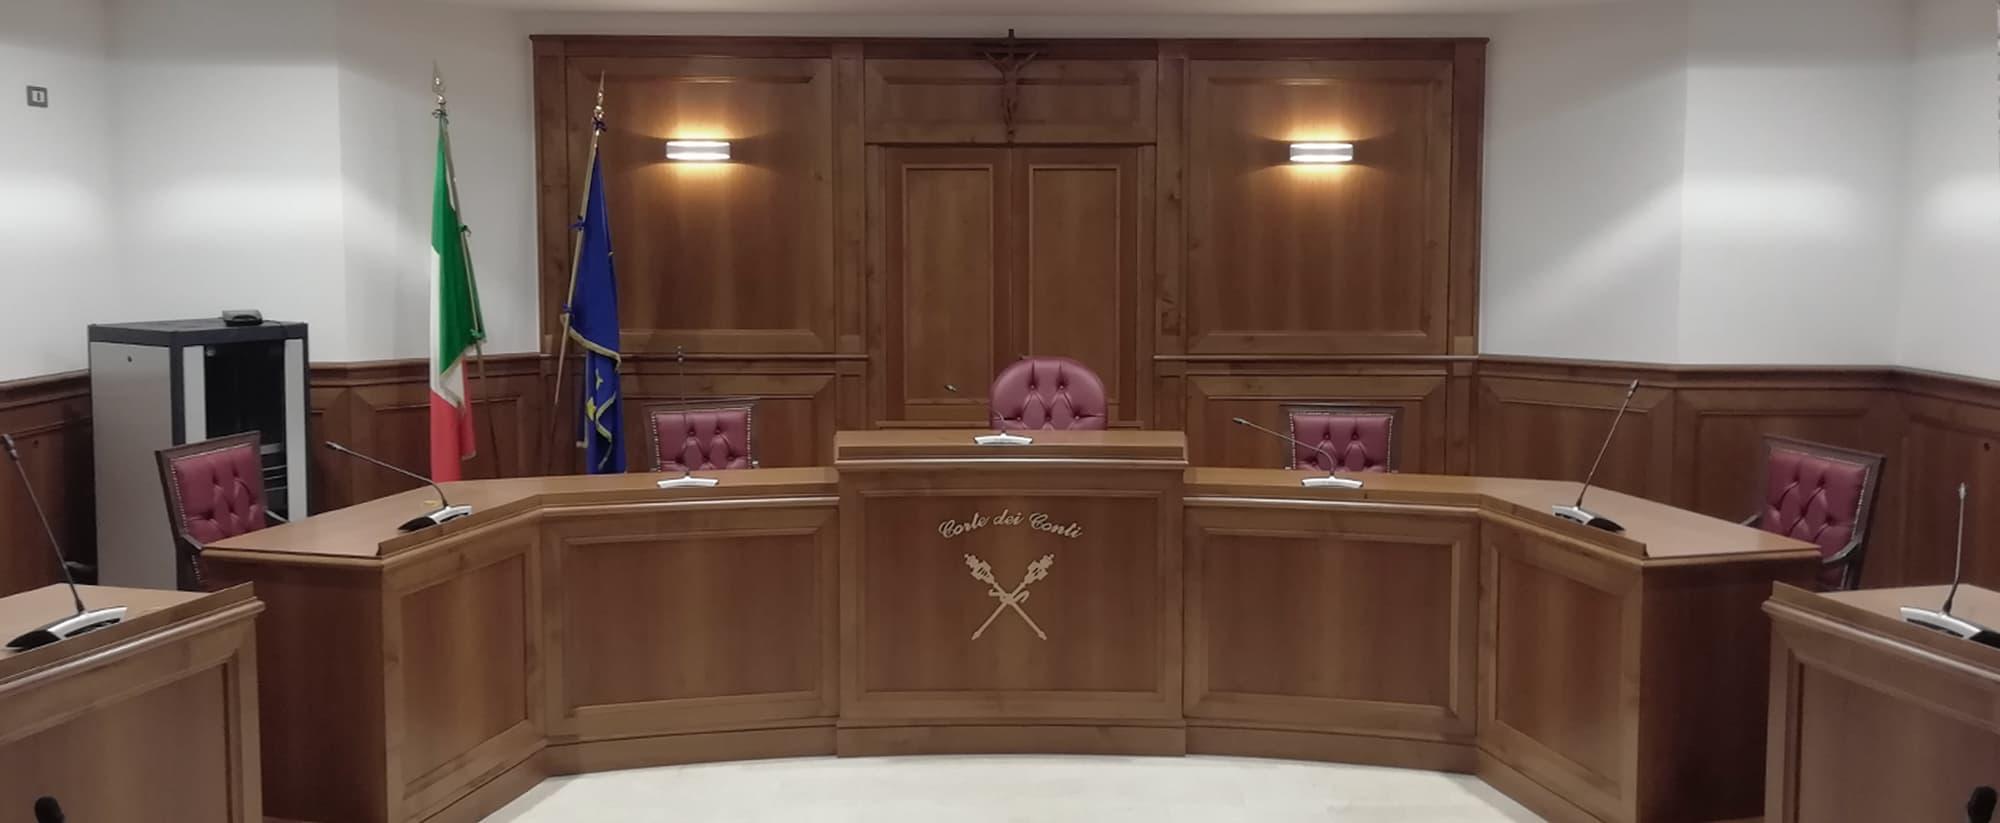 articolo 54 alle sezioni riunite il 25 novembre formato un primo collegio difensivo